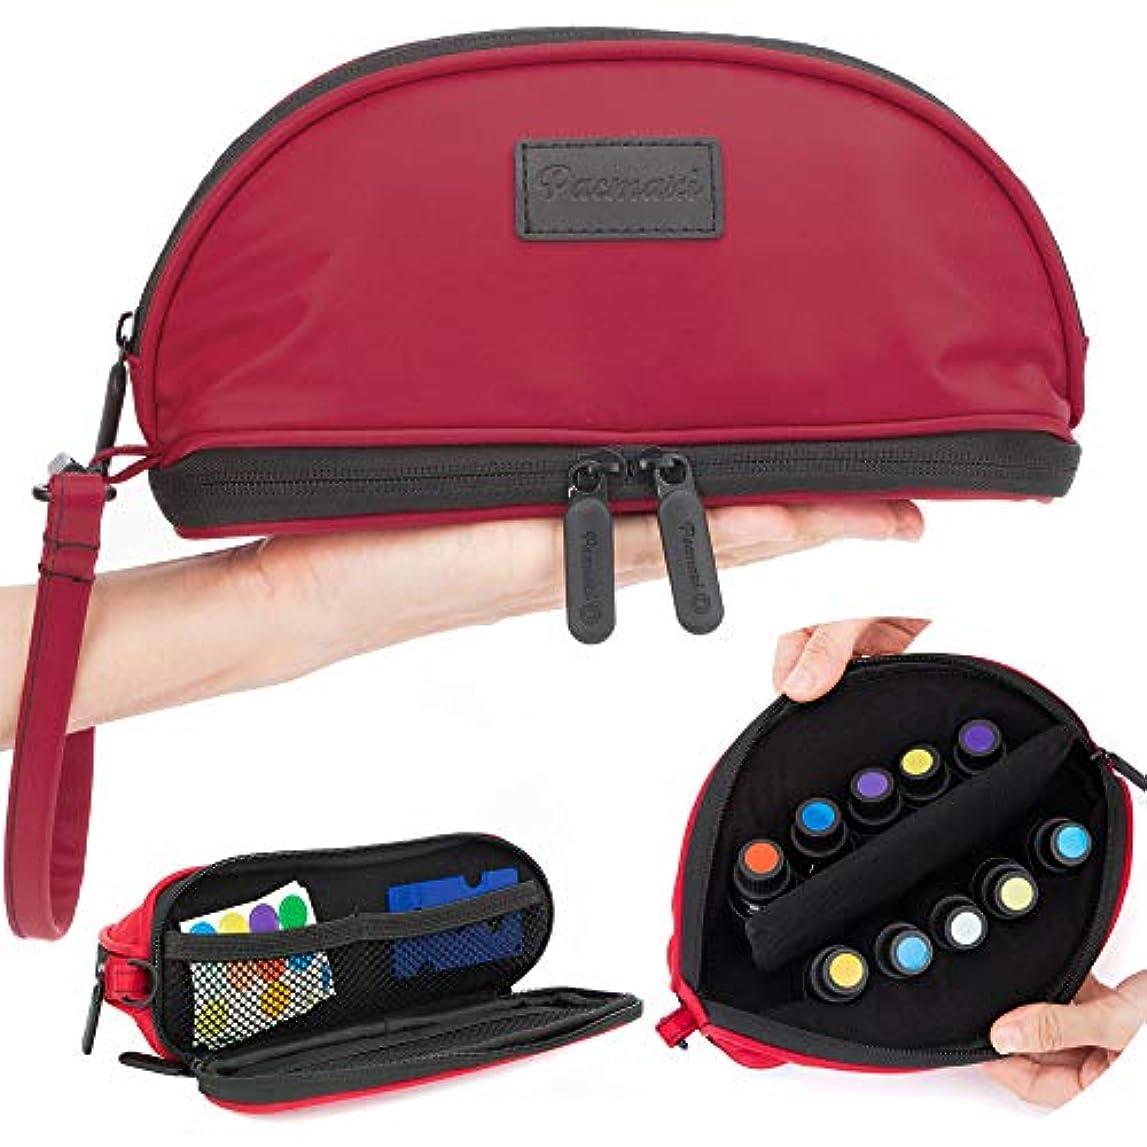 プラス実行するスーツ[Pacmaxi]エッセンシャルオイル 収納ポーチ 携帯便利 旅行 10本収納(5ml - 15ml) ナイロン製 撥水加工 ストラップあり (レッド)